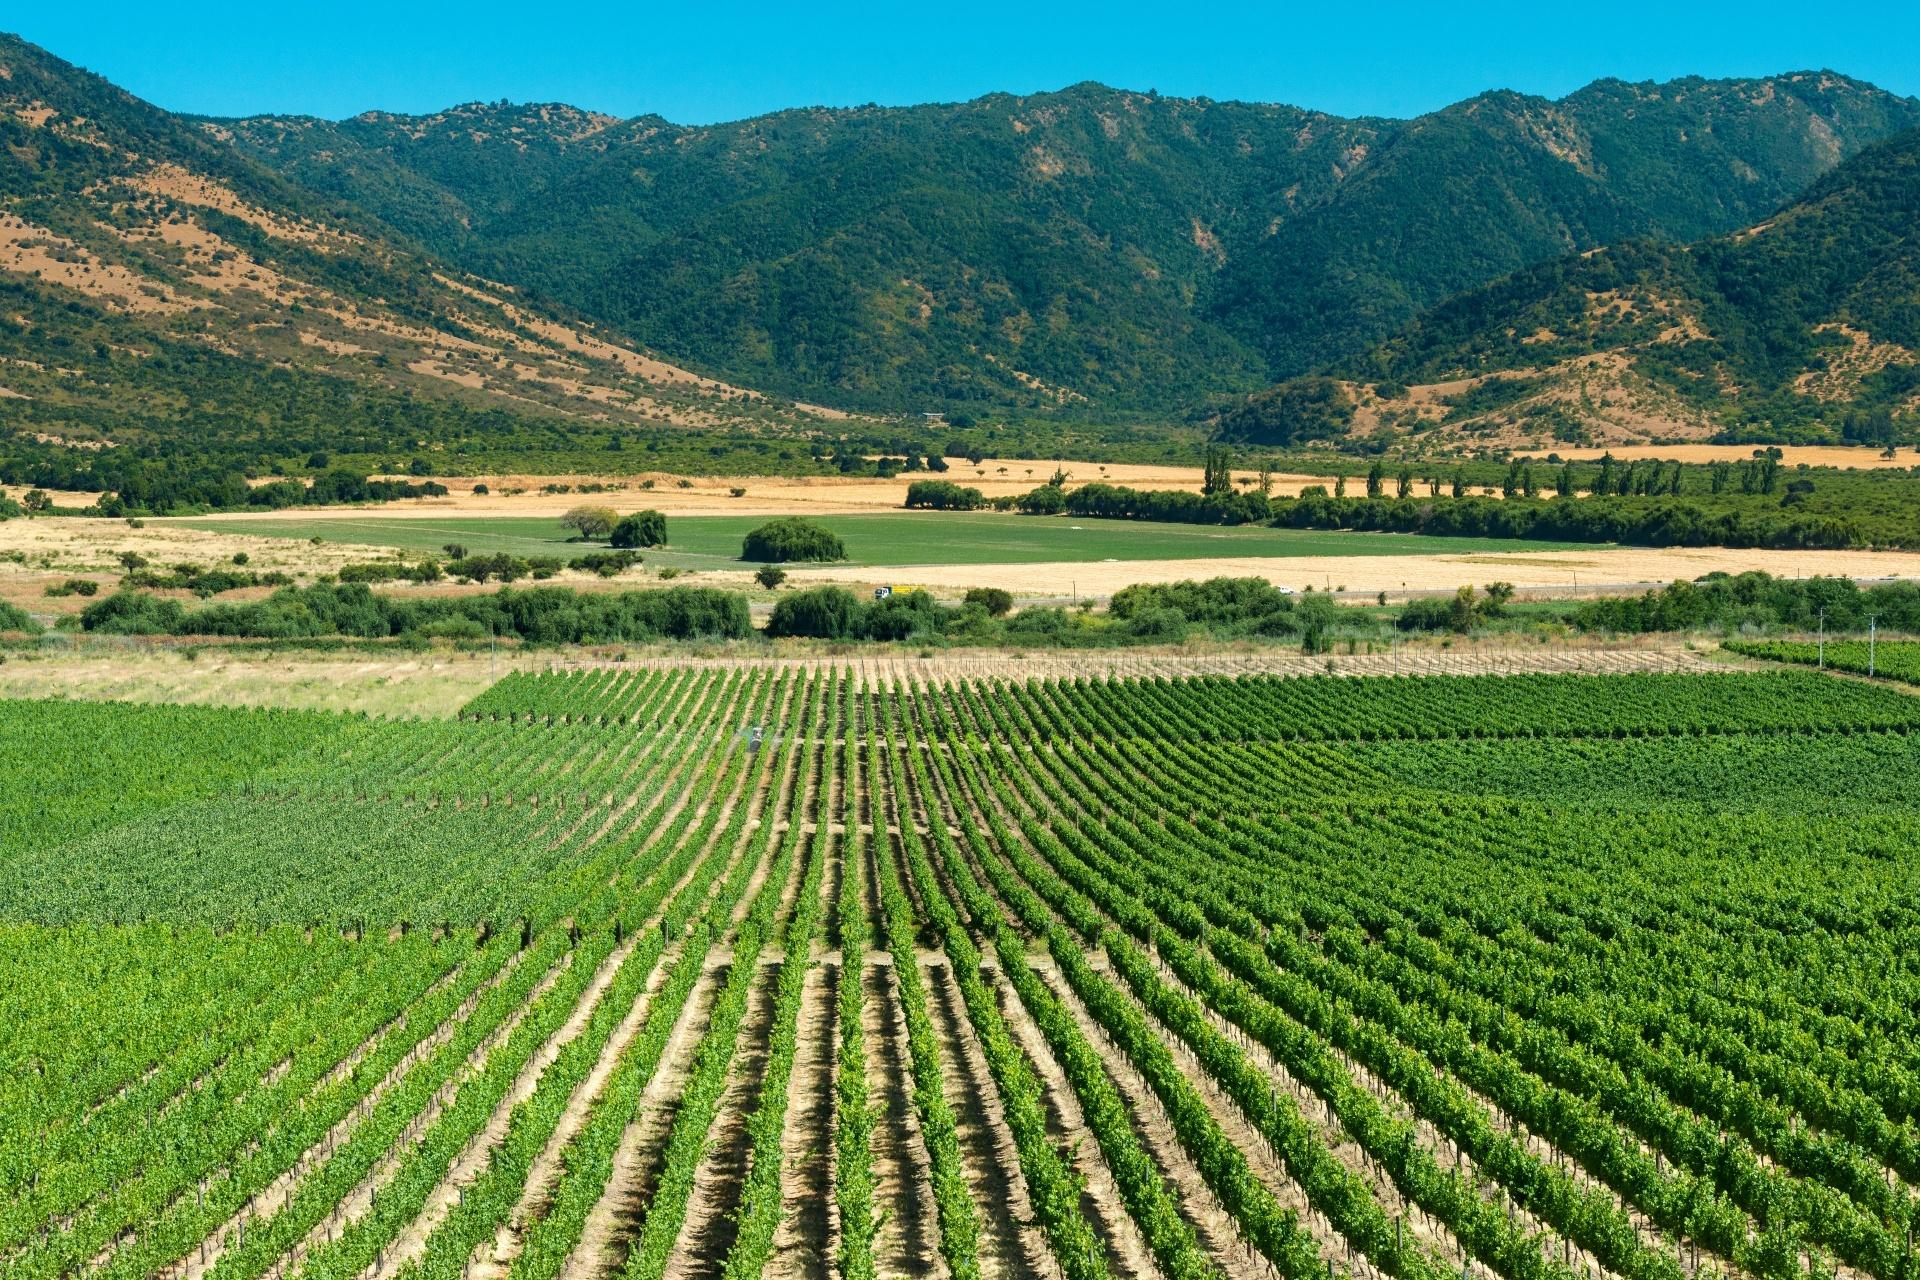 コルチャグア・ヴァレーのブドウ畑 チリの風景